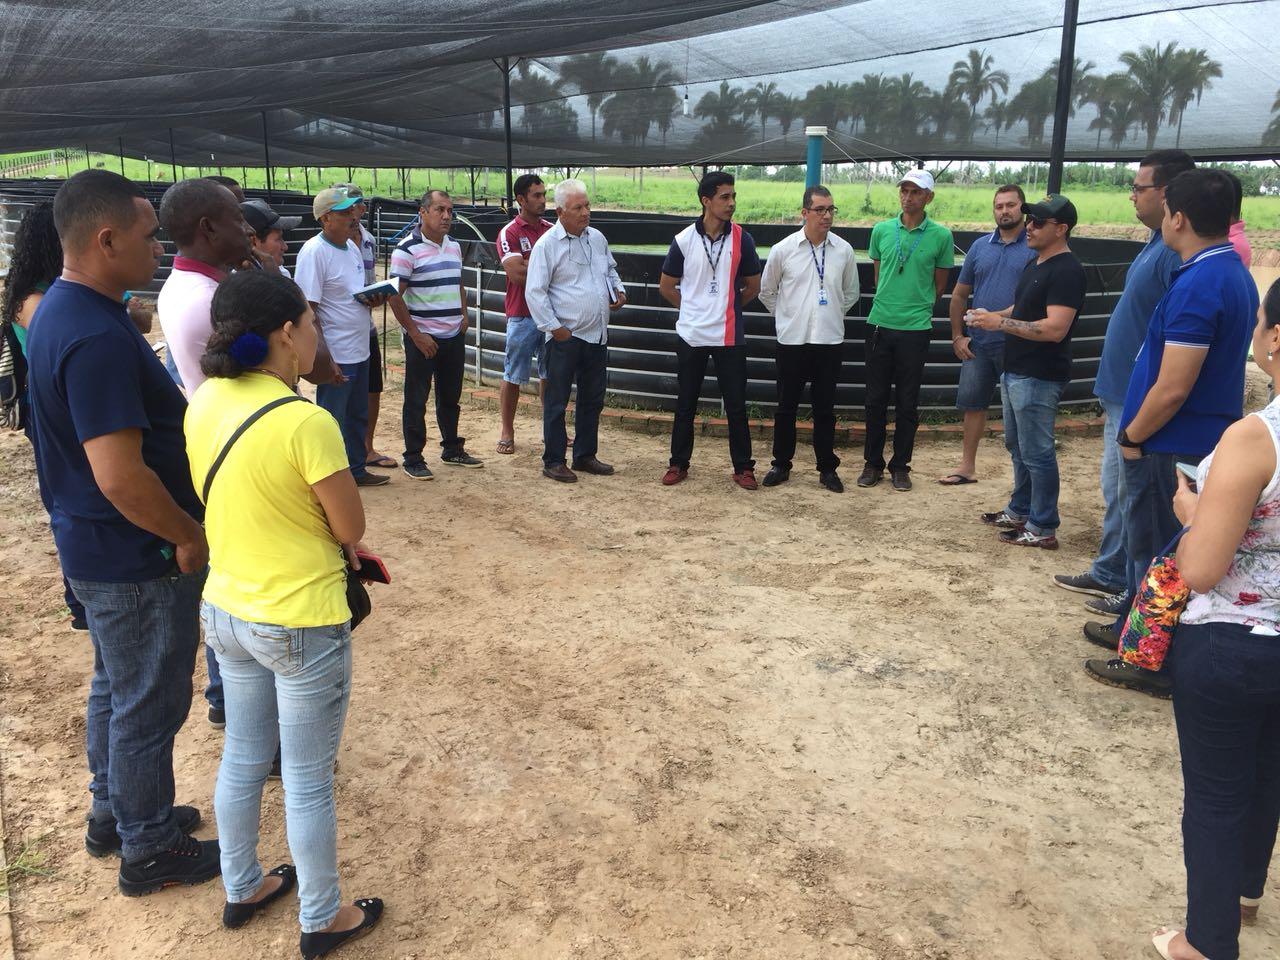 Photo of Piscicultores de Bequimão visitam projeto inovador de criação de peixes em cativeiro no município de Bom Lugar e Fábrica de Ração na cidade de Bacabal